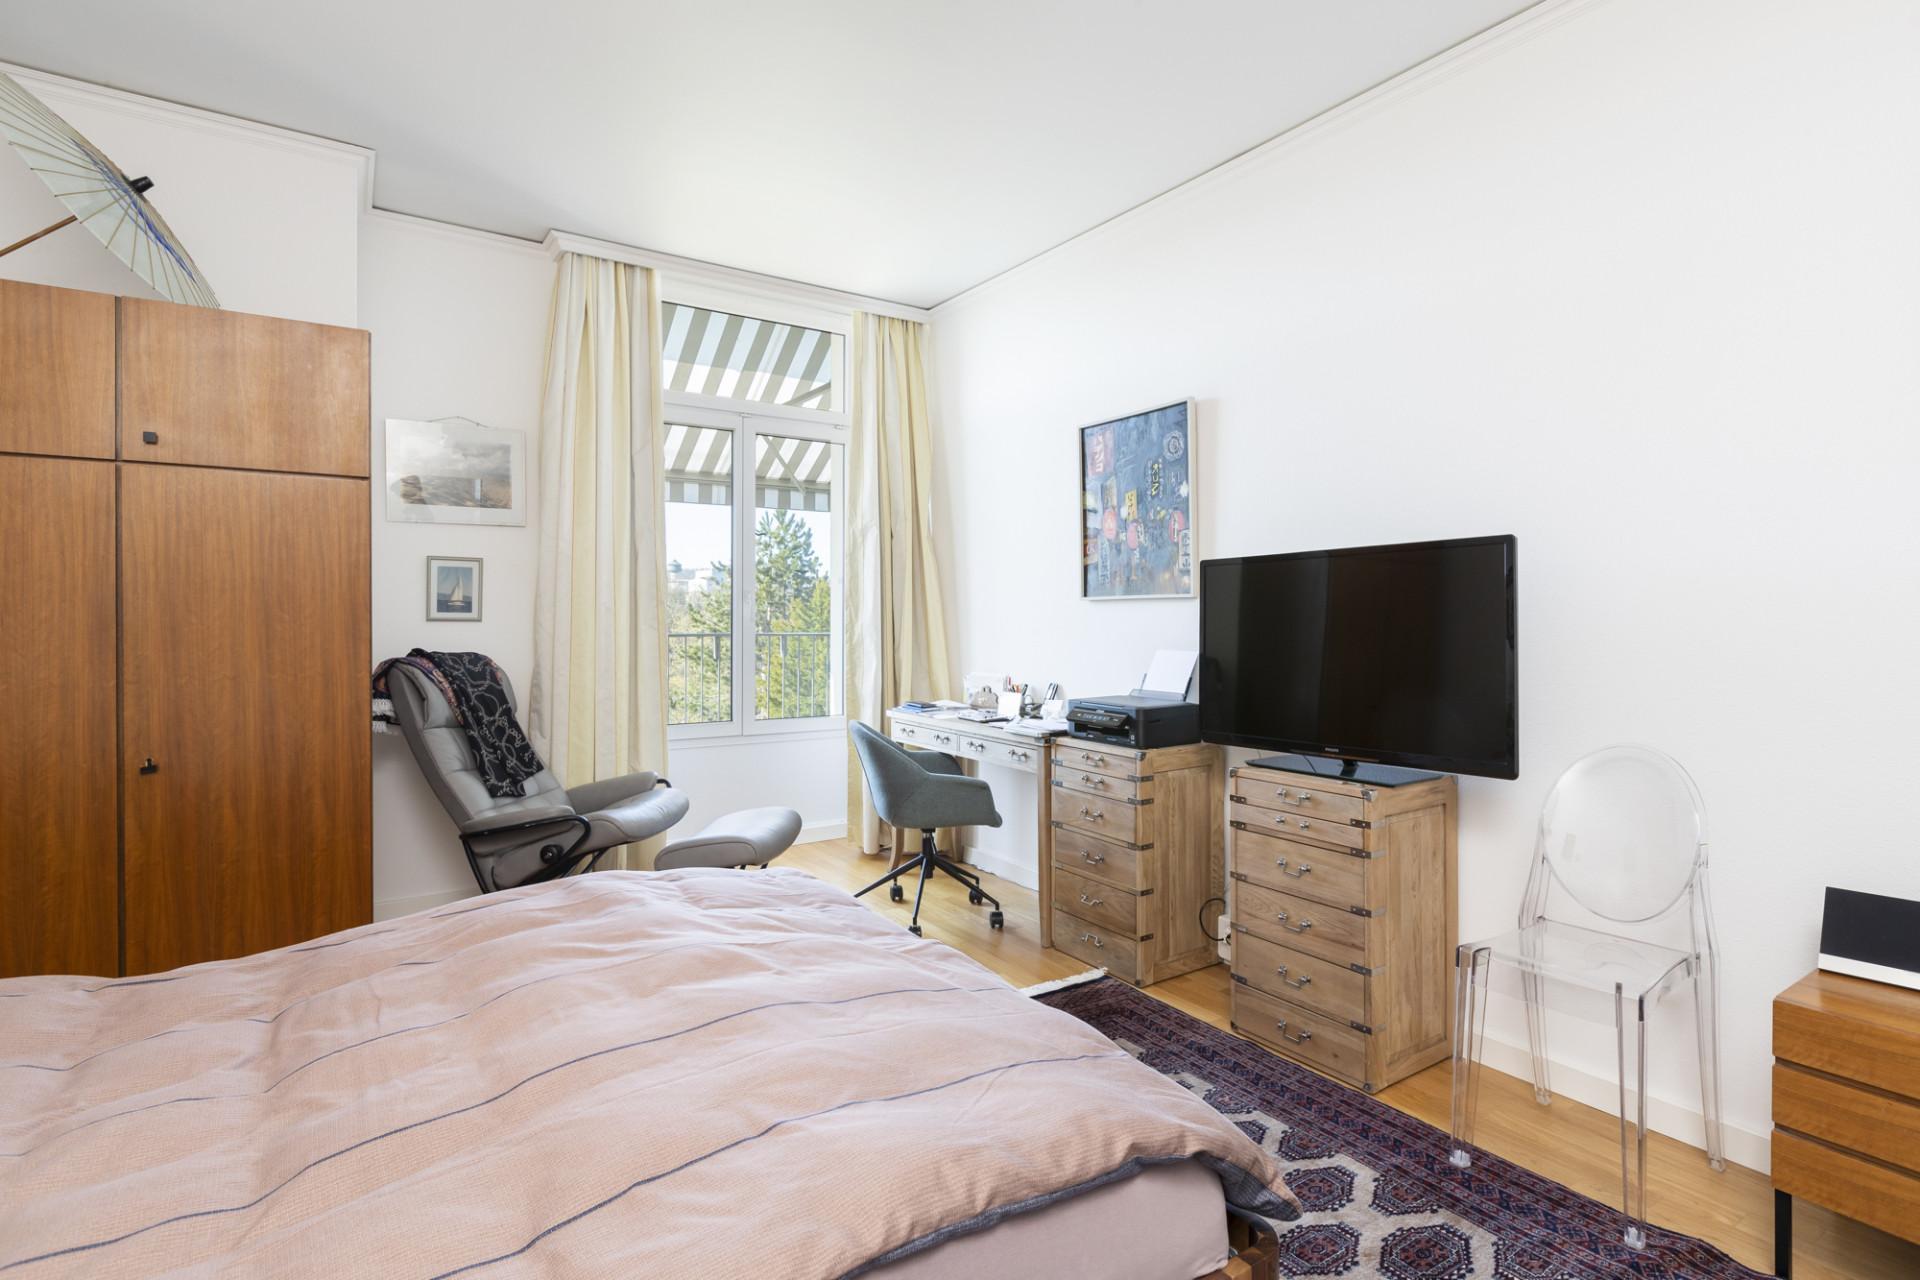 Schlafzimmer einer bewohnten Residenz im Altbau